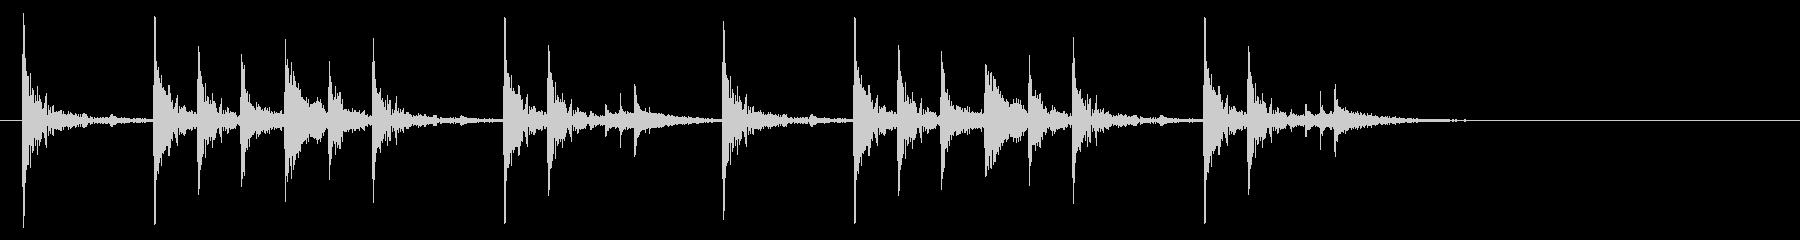 定番のリズム ドッチドド カラカカン#2の未再生の波形